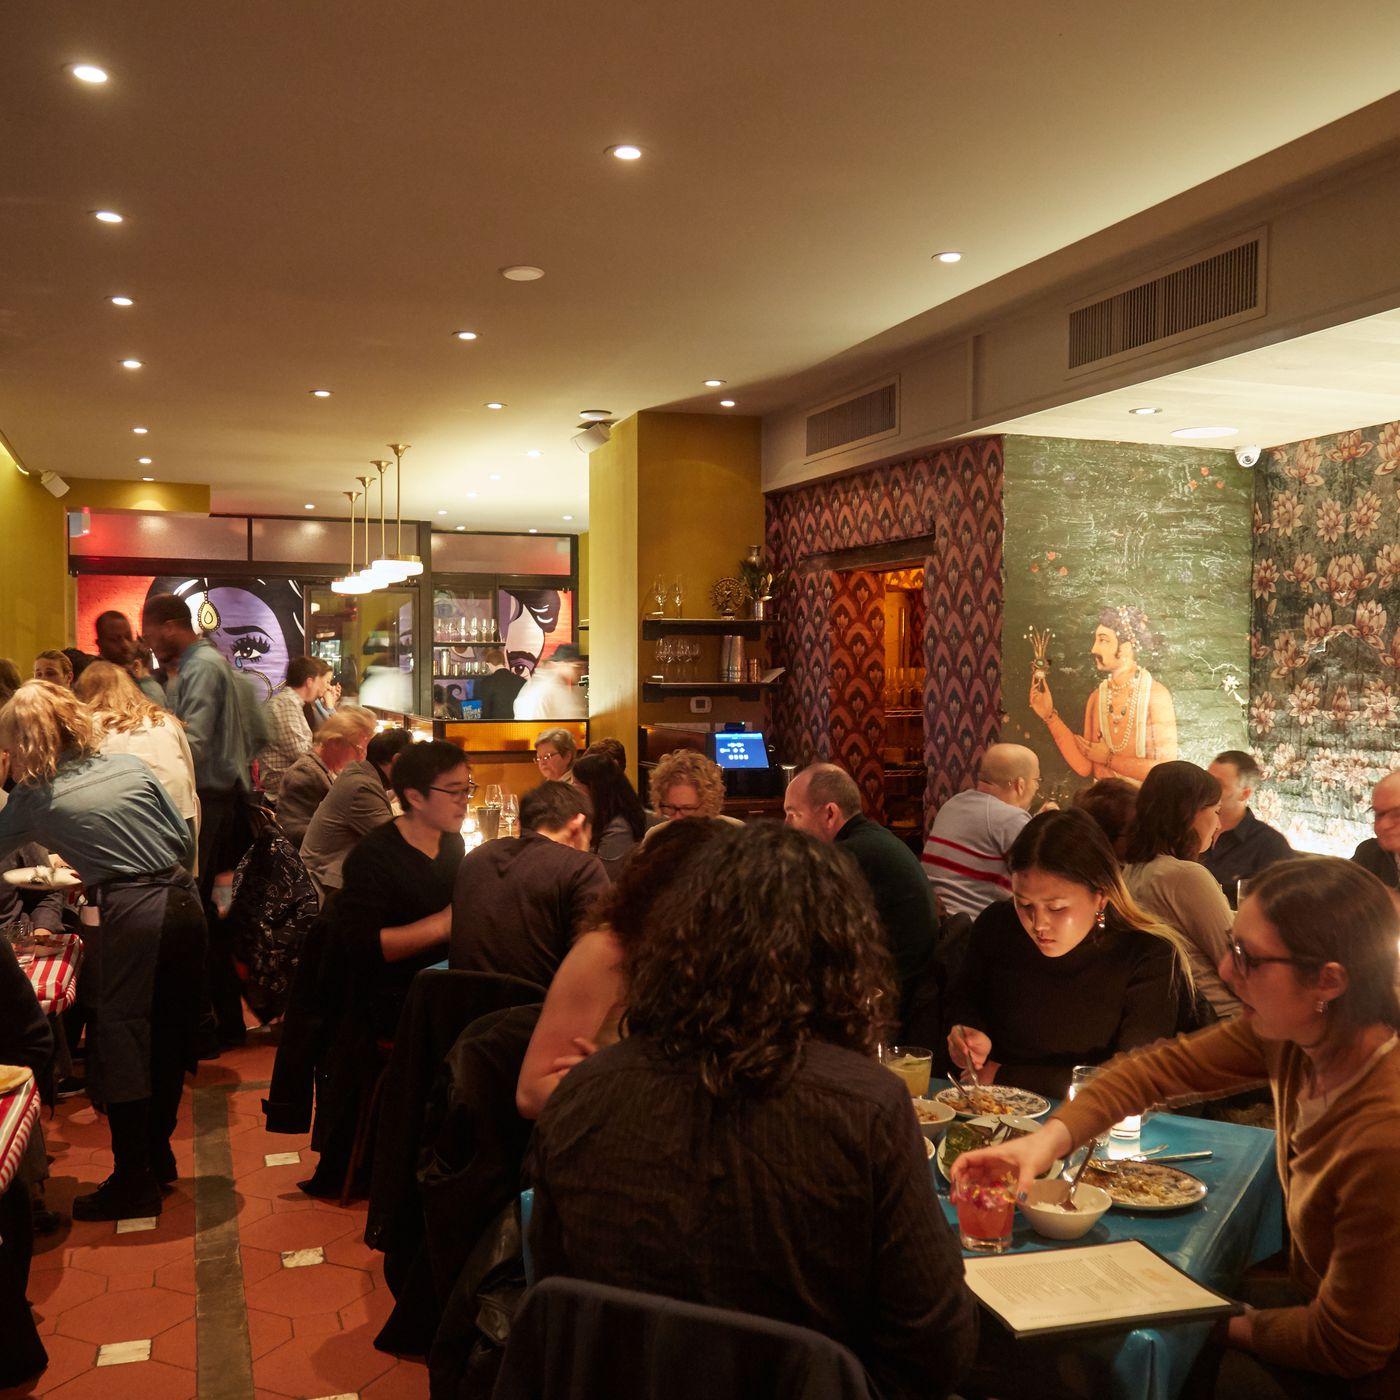 Soho Indian Restaurant Bombay Bread Bar Is Closing in September